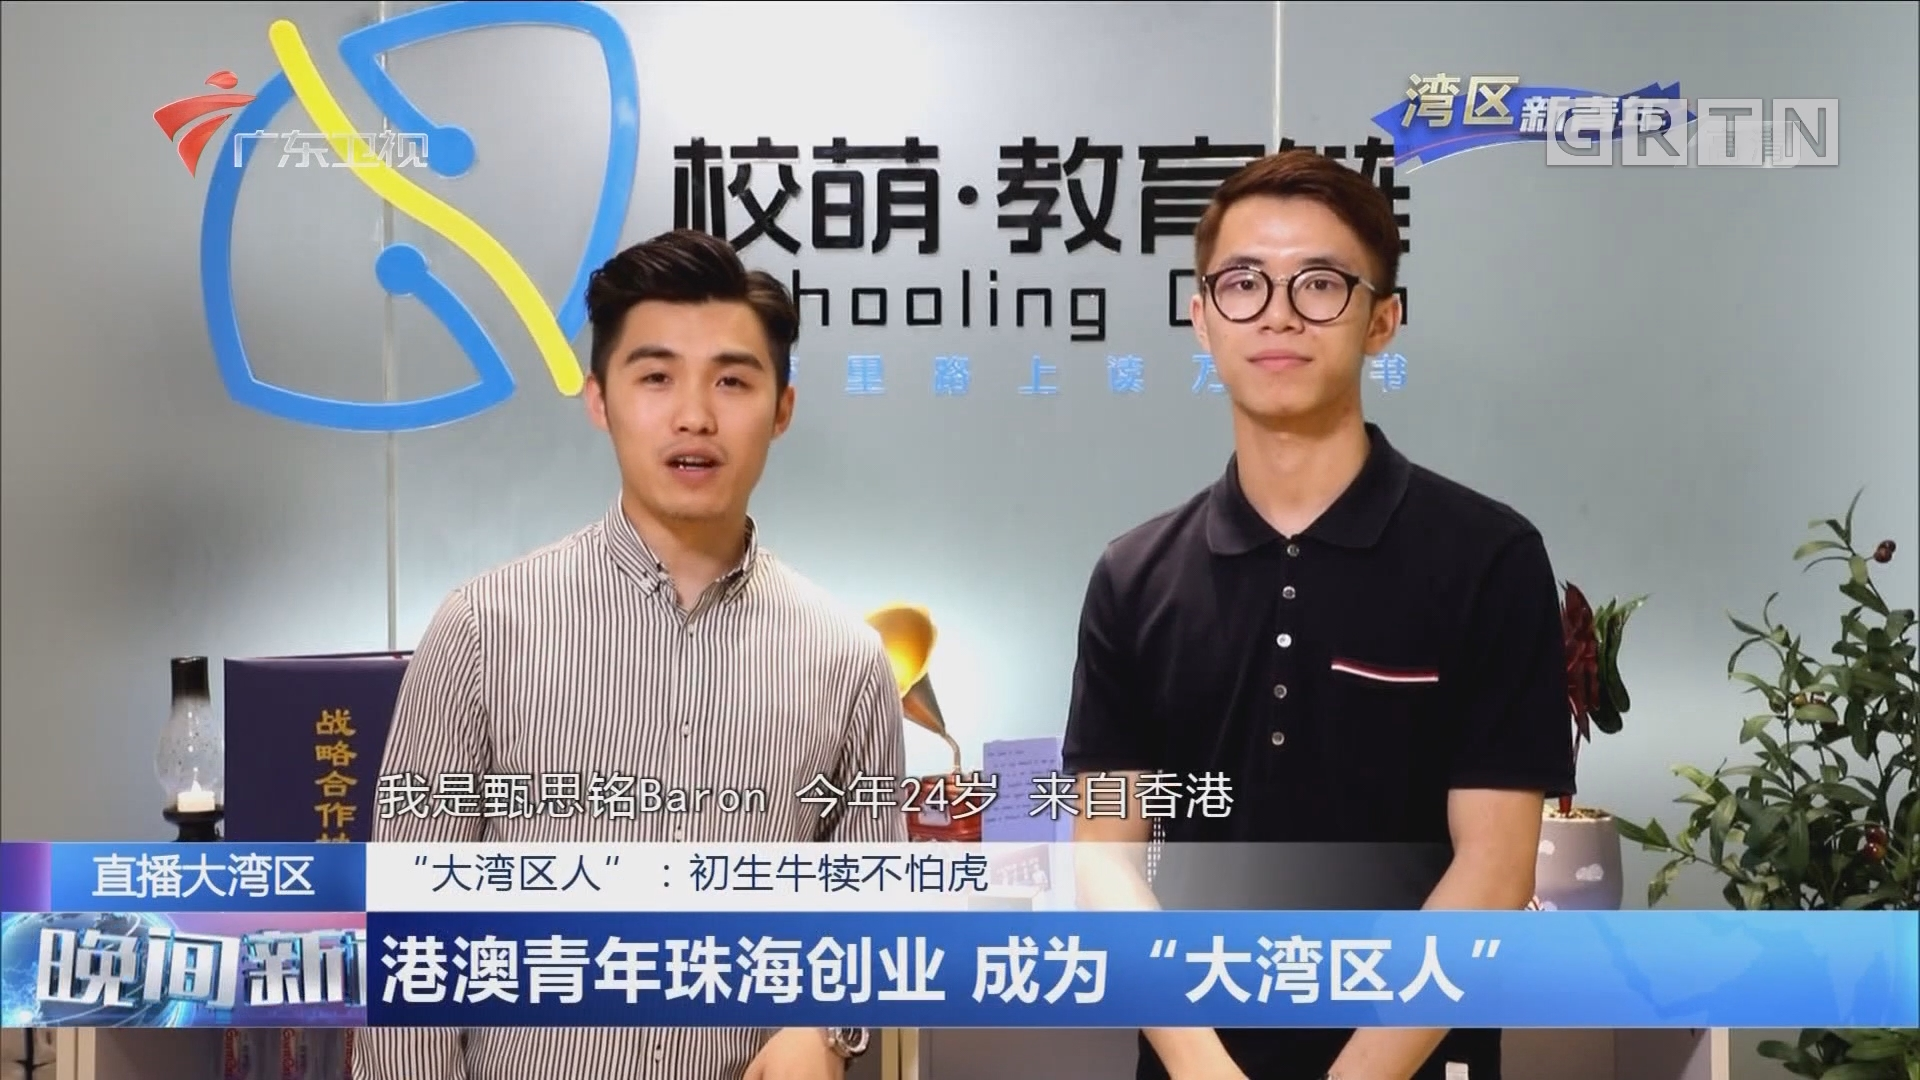 """""""大湾区人"""":初生牛犊不怕虎 港澳青年珠海创业 成为""""大湾区人"""""""